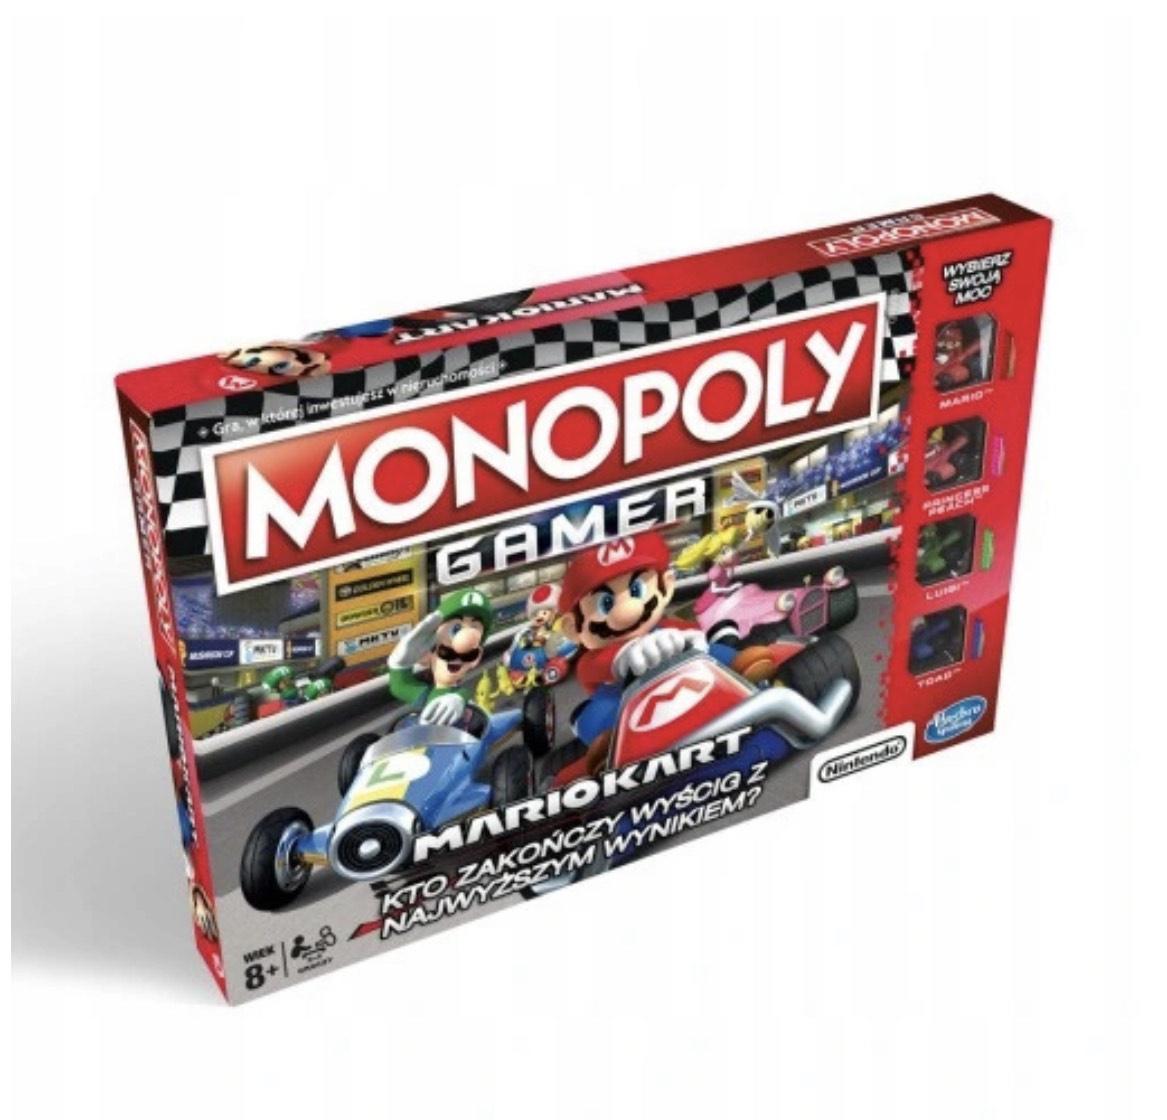 Monopoly Gamer Mario Kart PL